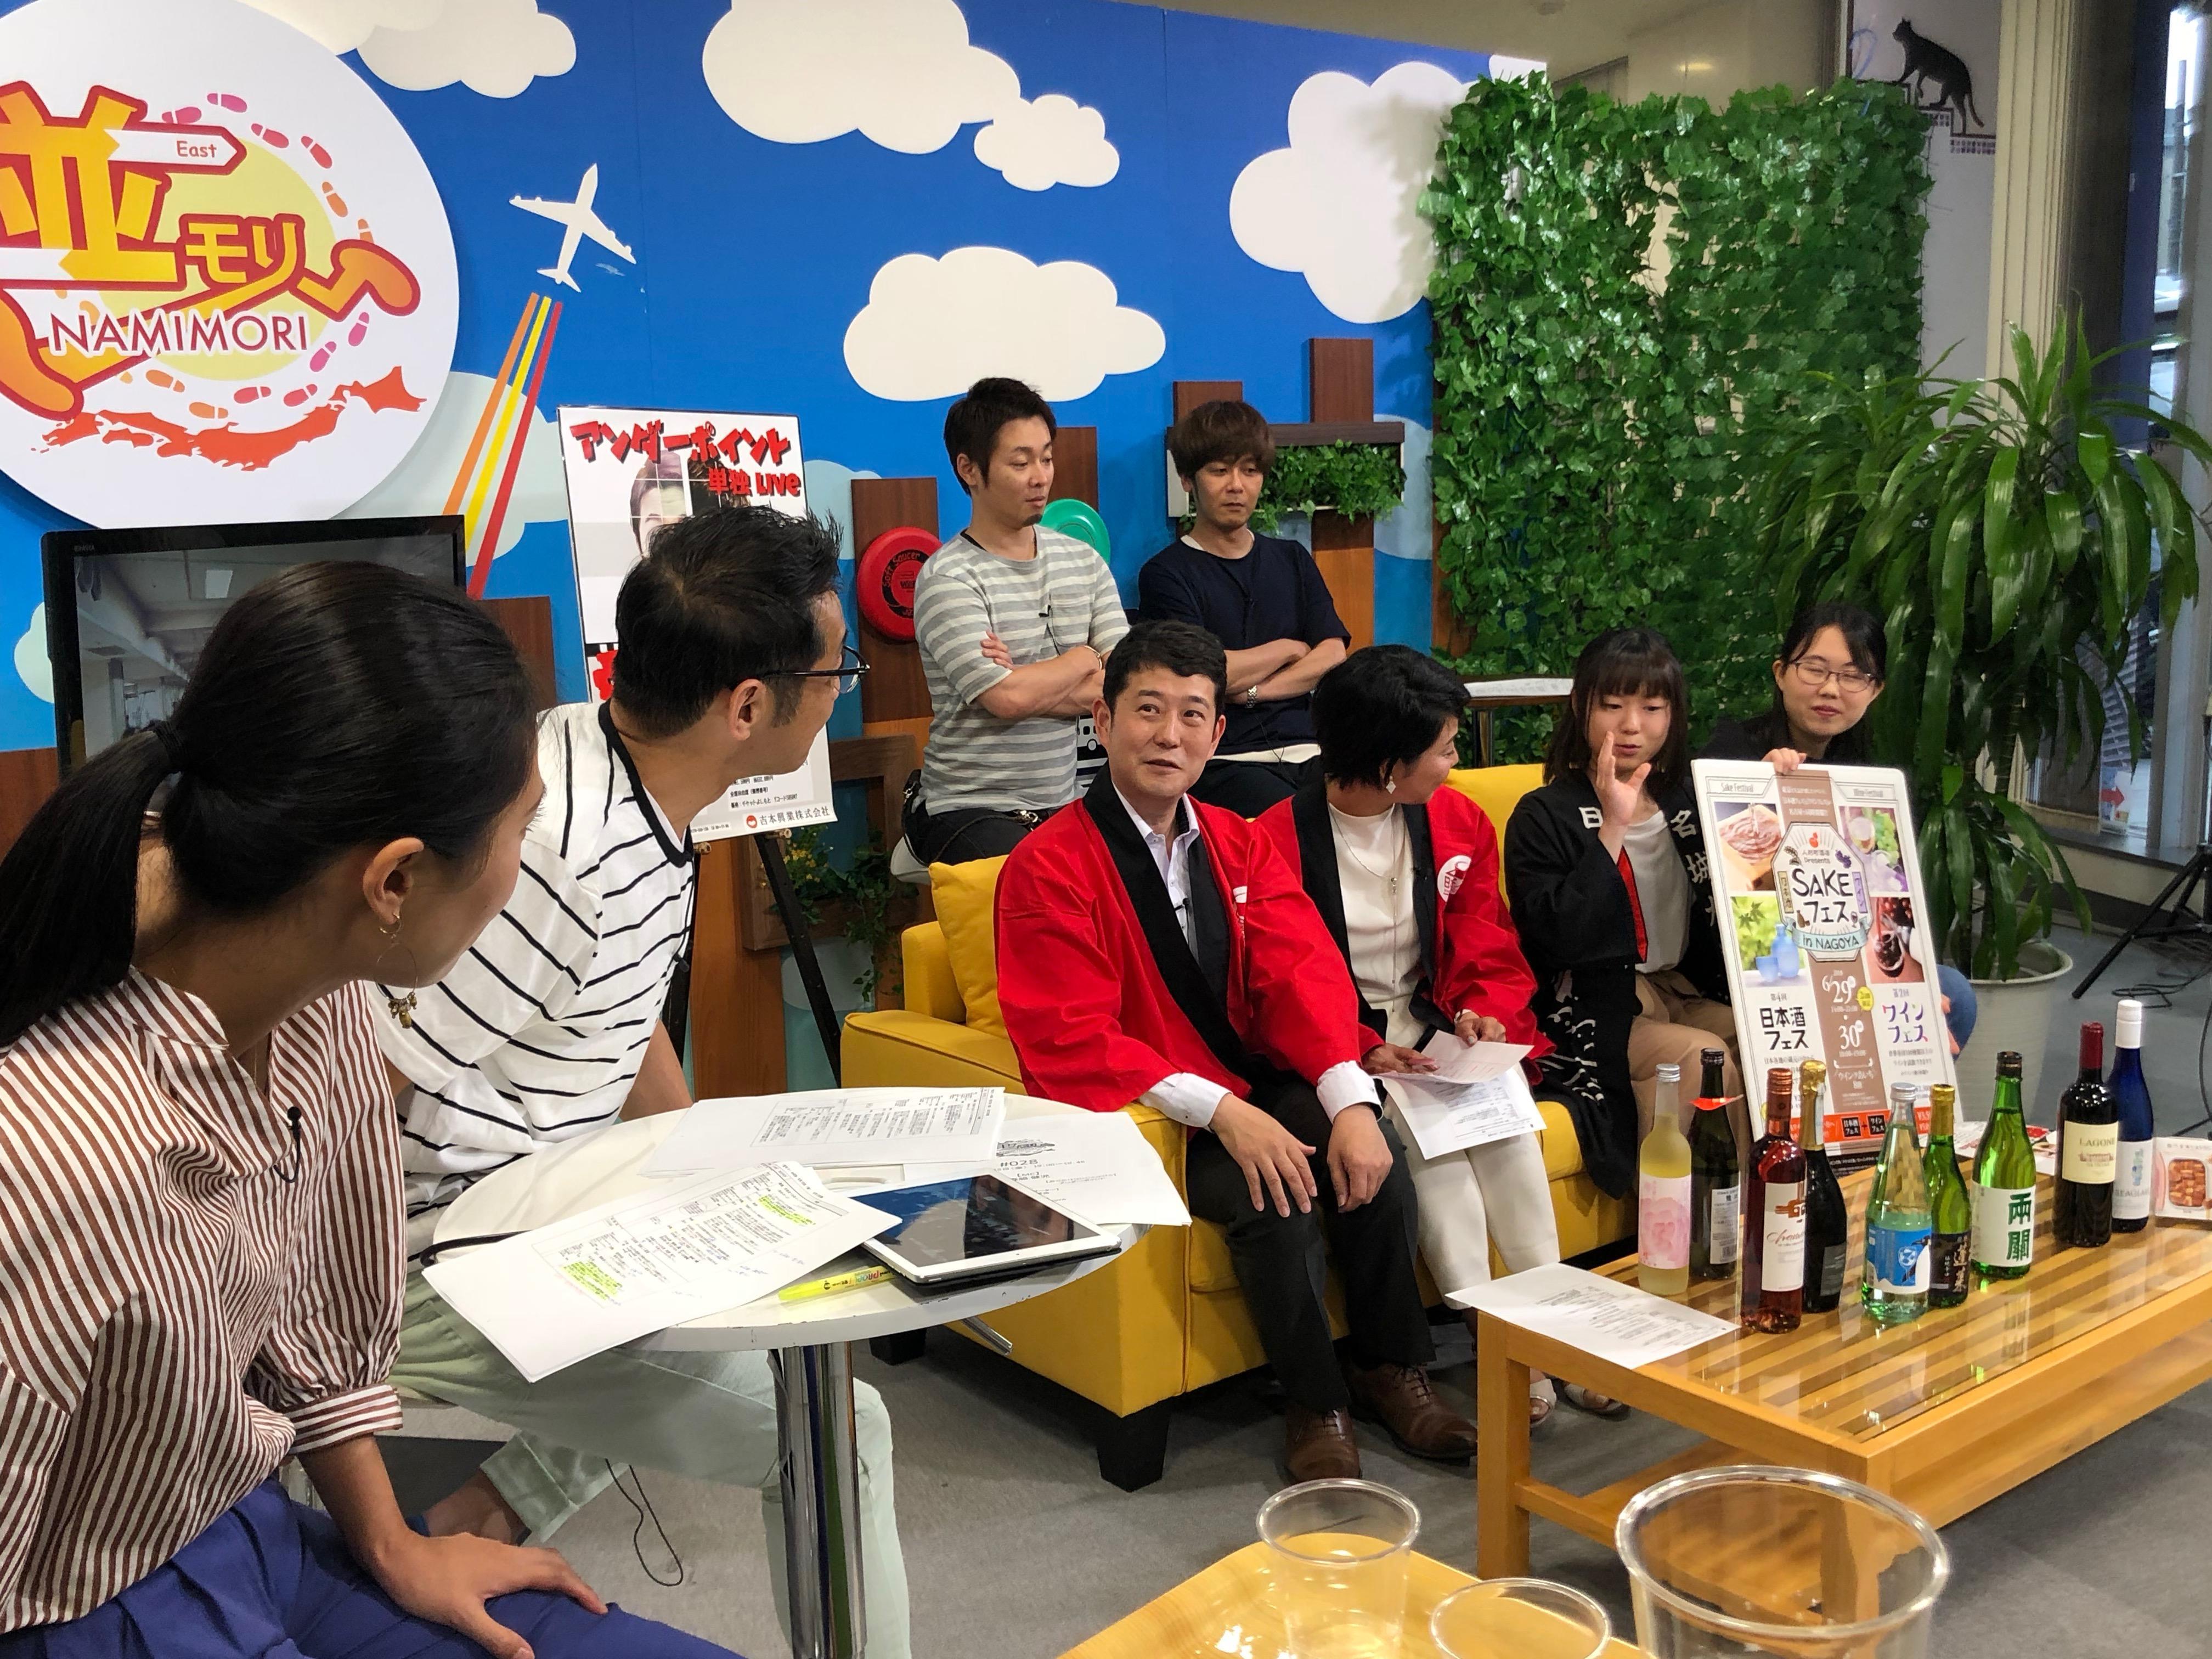 生放送に出演する日本酒研究会の2人(前列右)